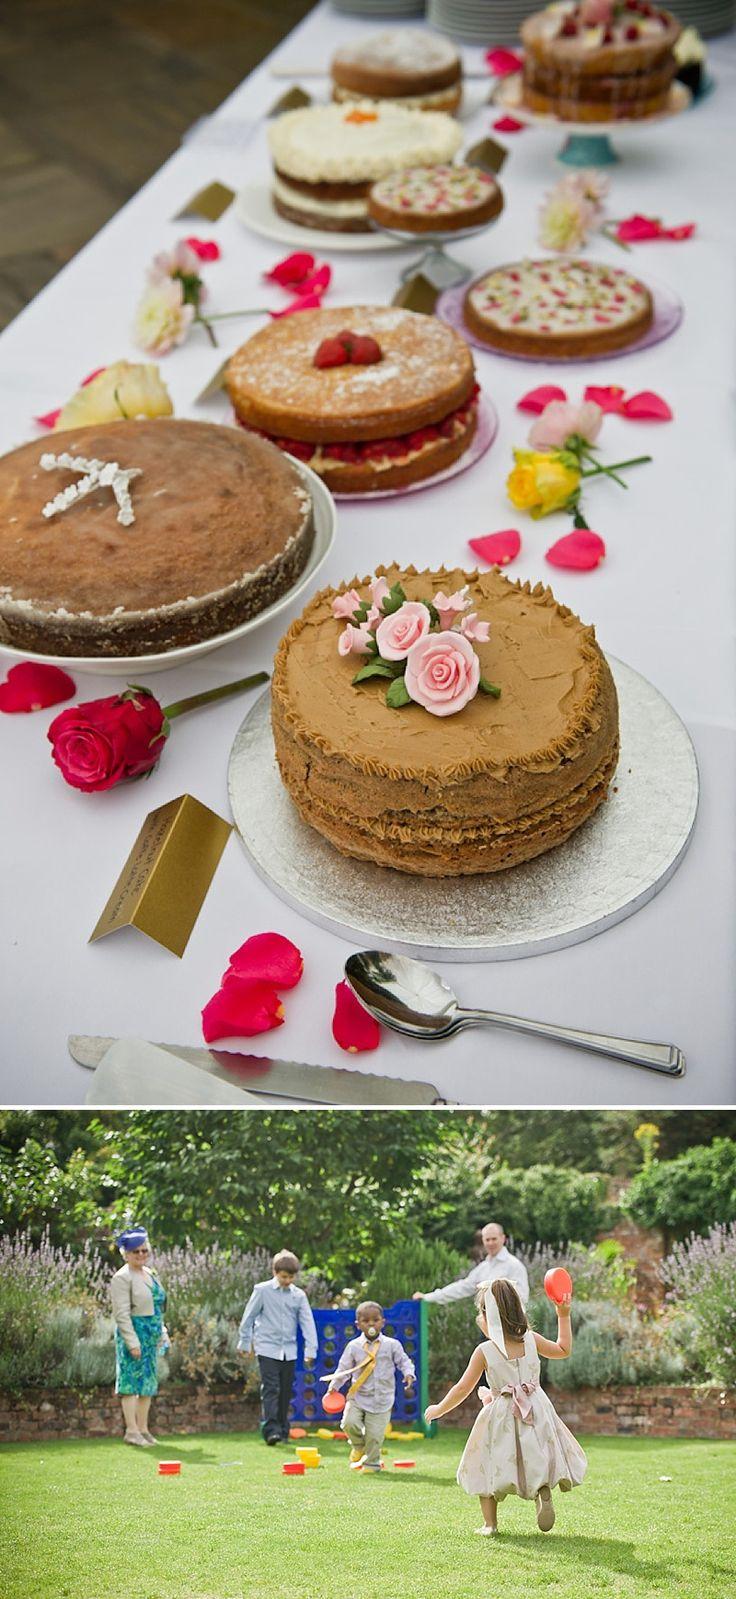 An English Wedding For The American Princess.